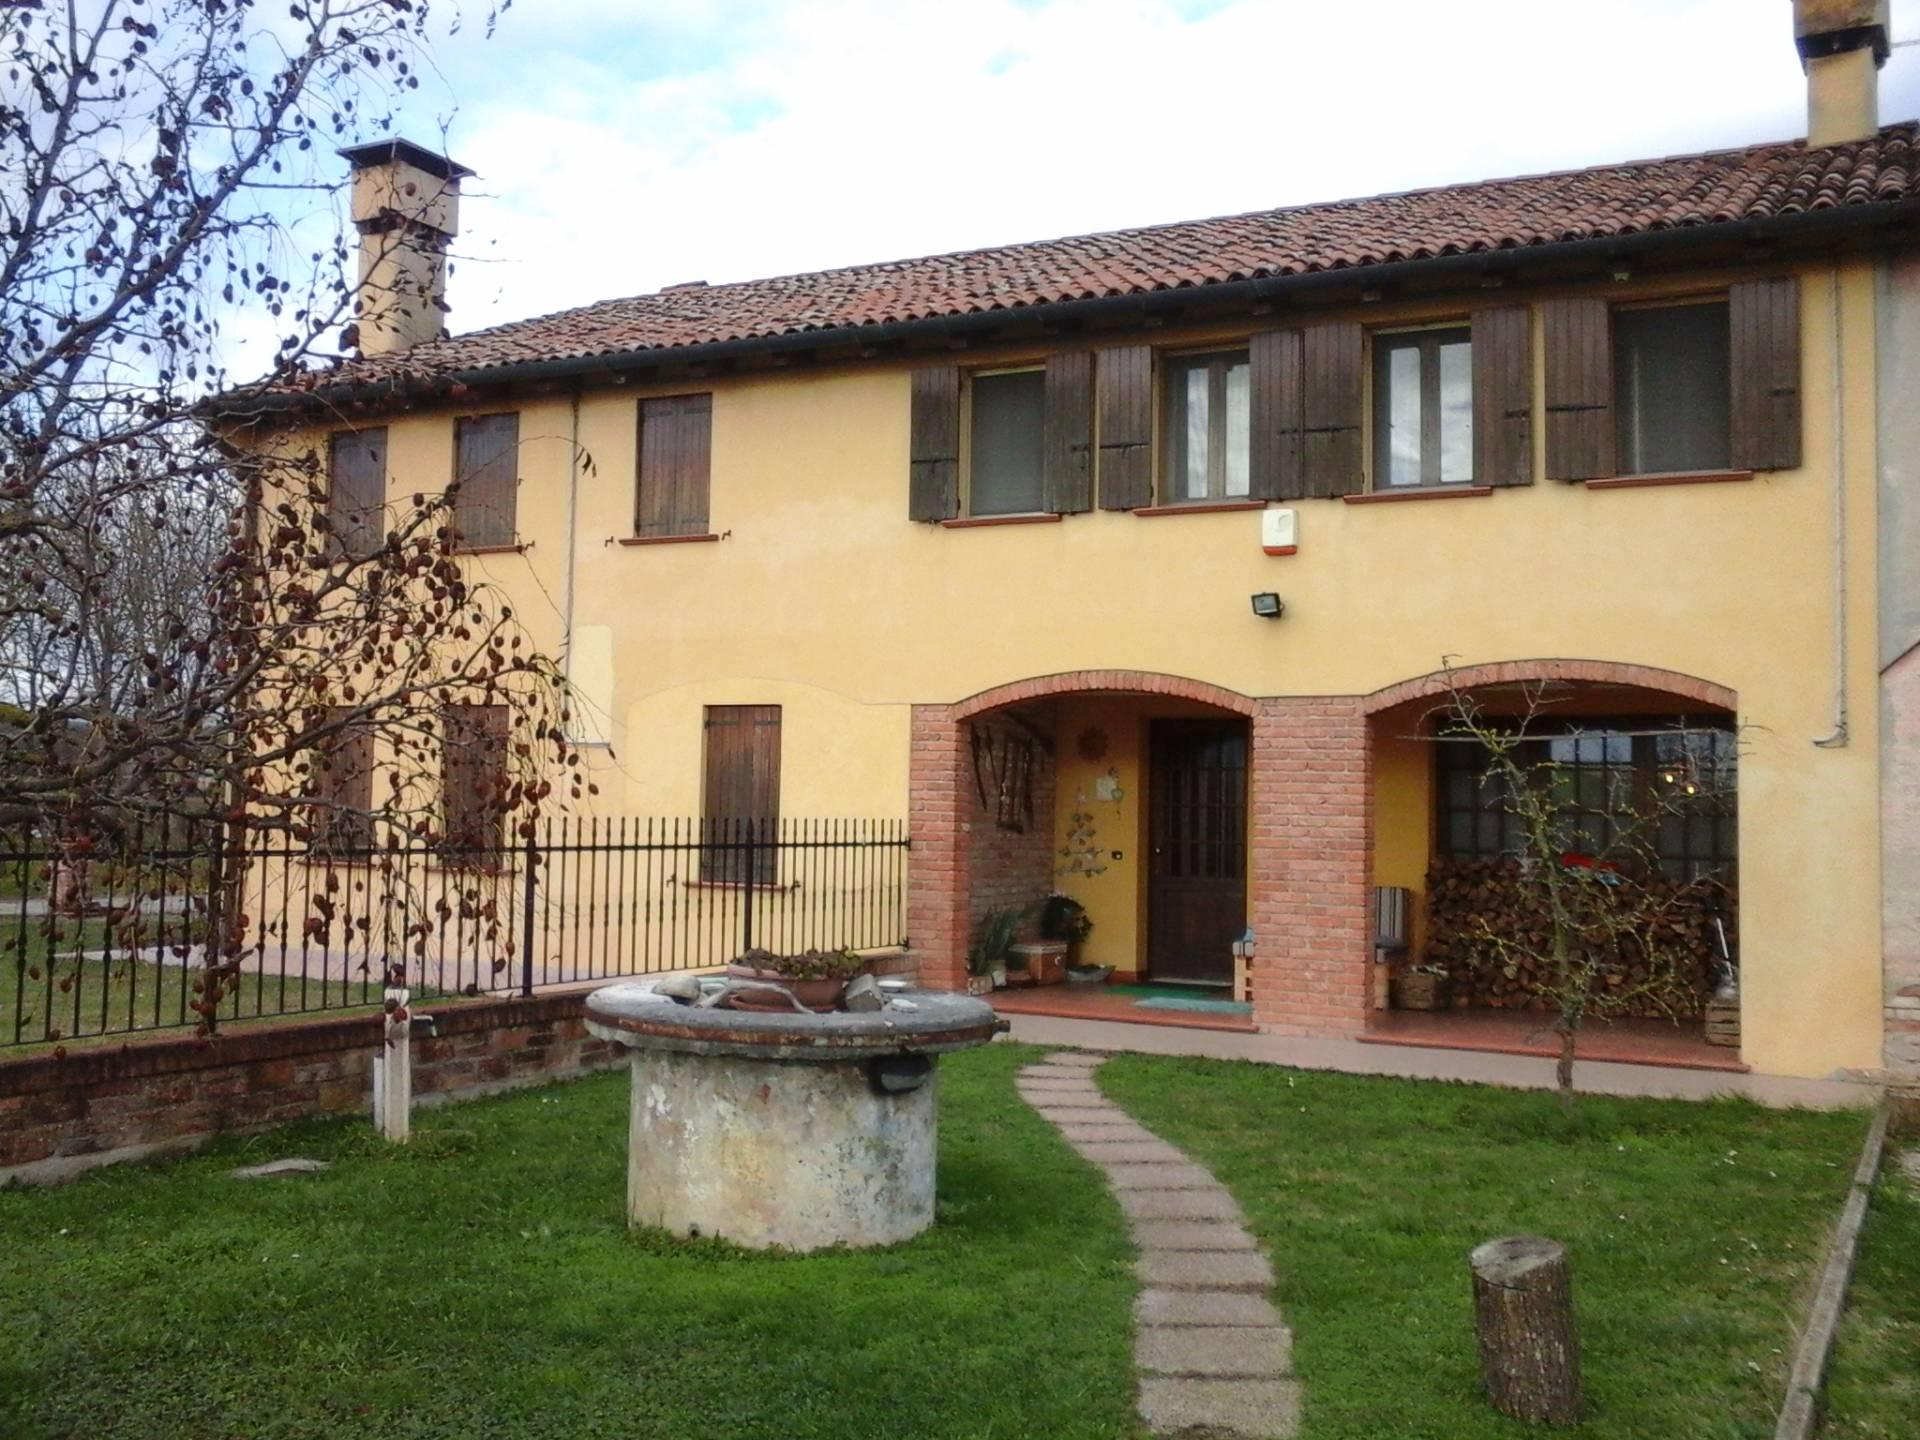 Rustico / Casale in vendita a Roncade, 6 locali, prezzo € 200.000 | Cambio Casa.it